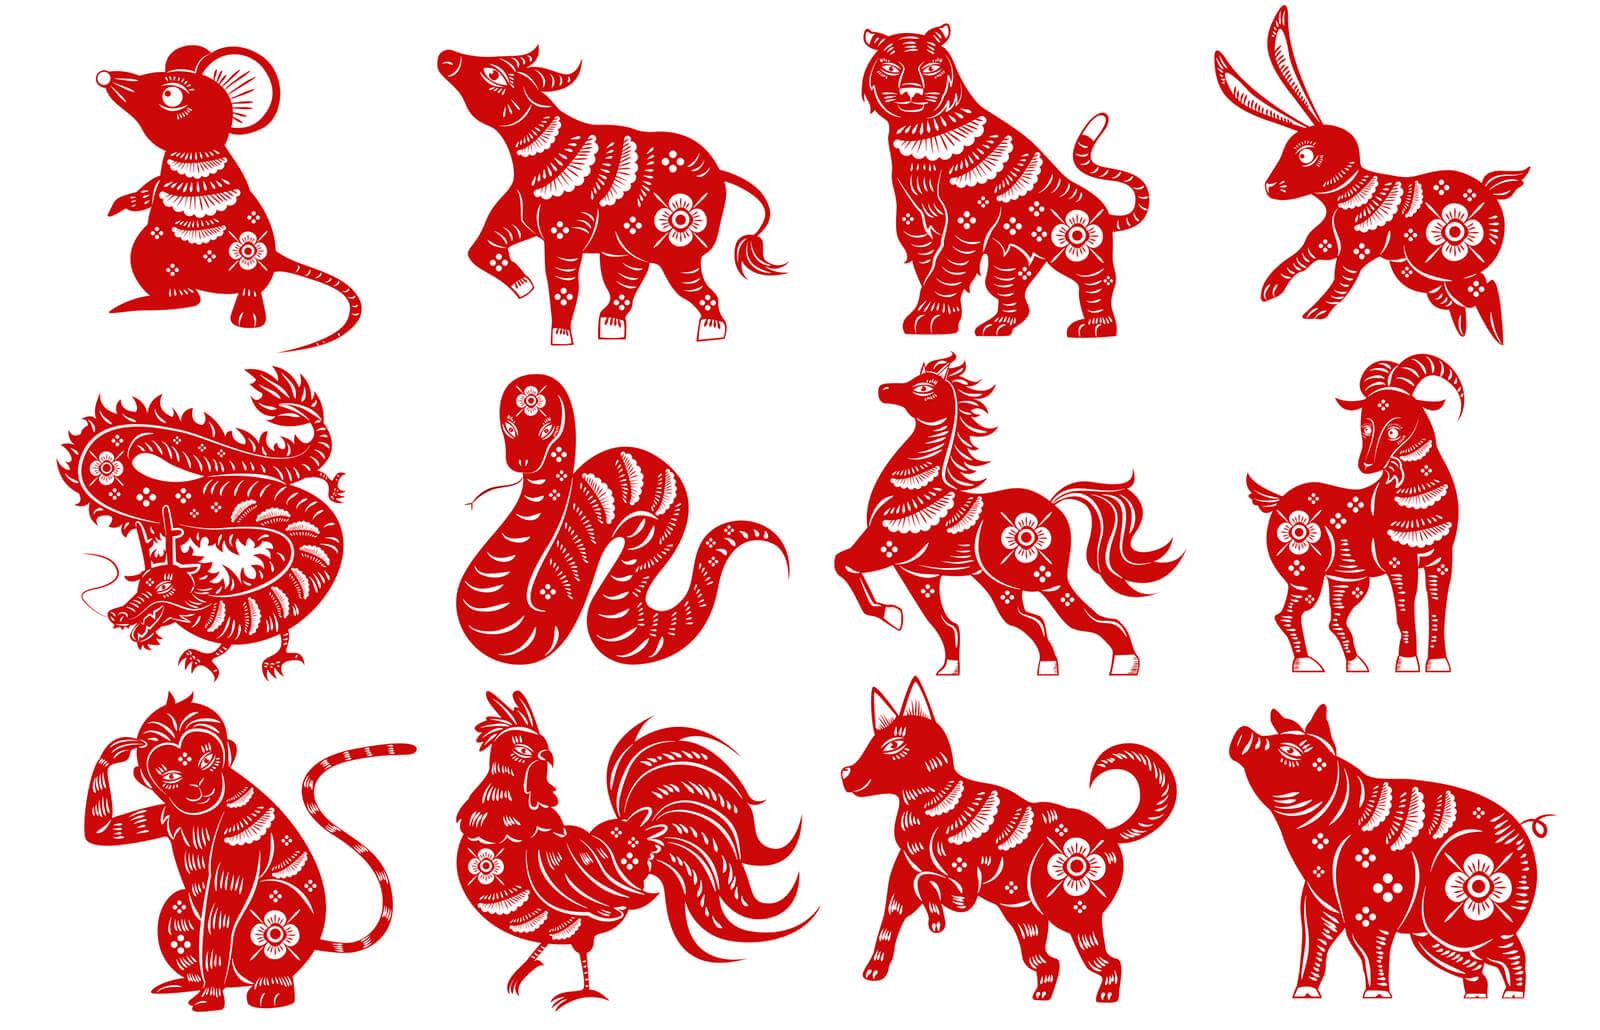 Dacă nu te-am convins, poți întotdeauna apela la zodiacul chinezesc, pentru că acest articol e un pamflet și trebuie tratat ca atare.